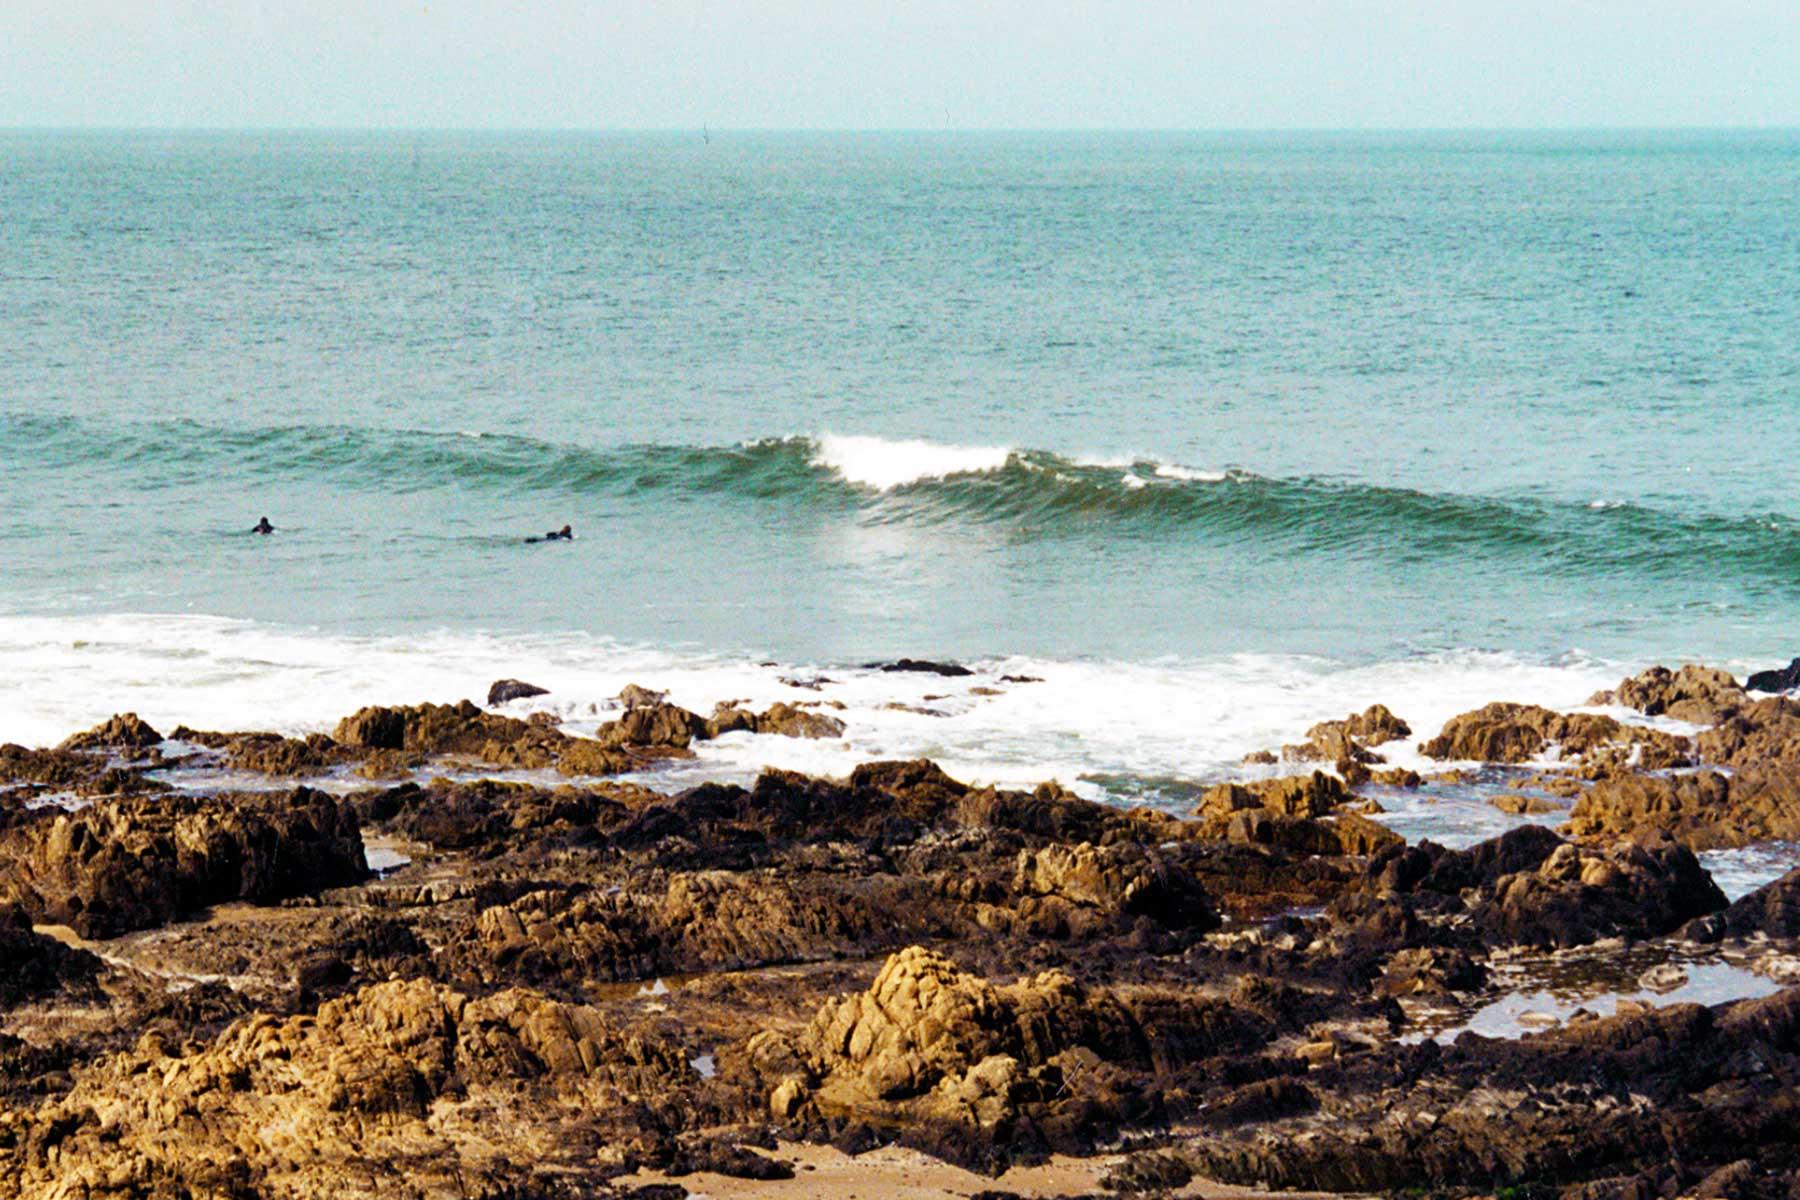 Uruguay | Surfing | Steven Andrew Martin | South America | Travel Journal | Dr Steven Martin